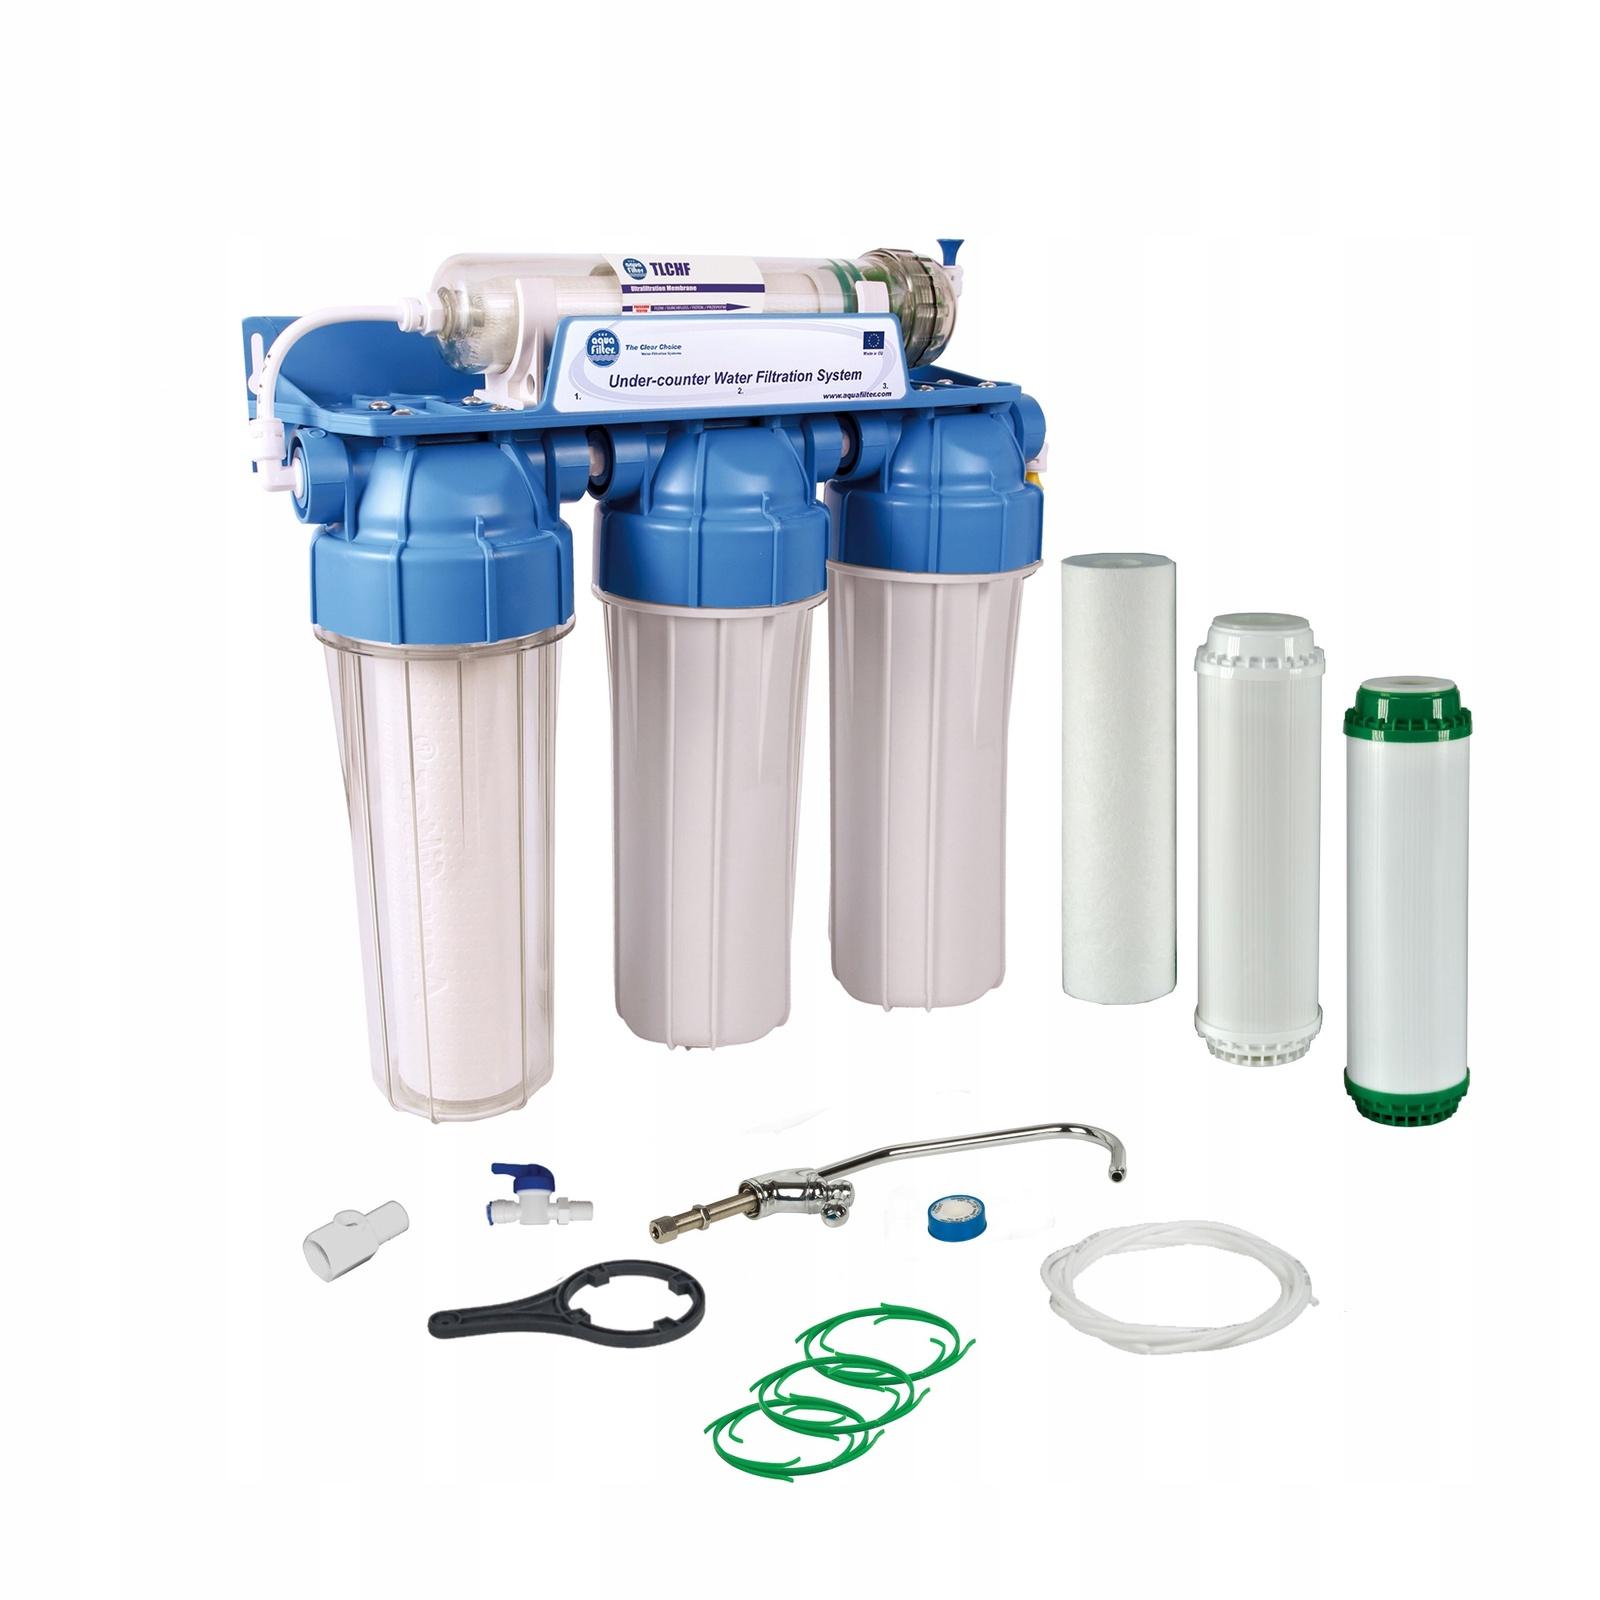 Четырехступенчатая система, умягчение и обезжелезивание воды, с УФ мембраной - 100% удаление вирусов бактерий, Aquafilter FP3-HJ-K1, 505